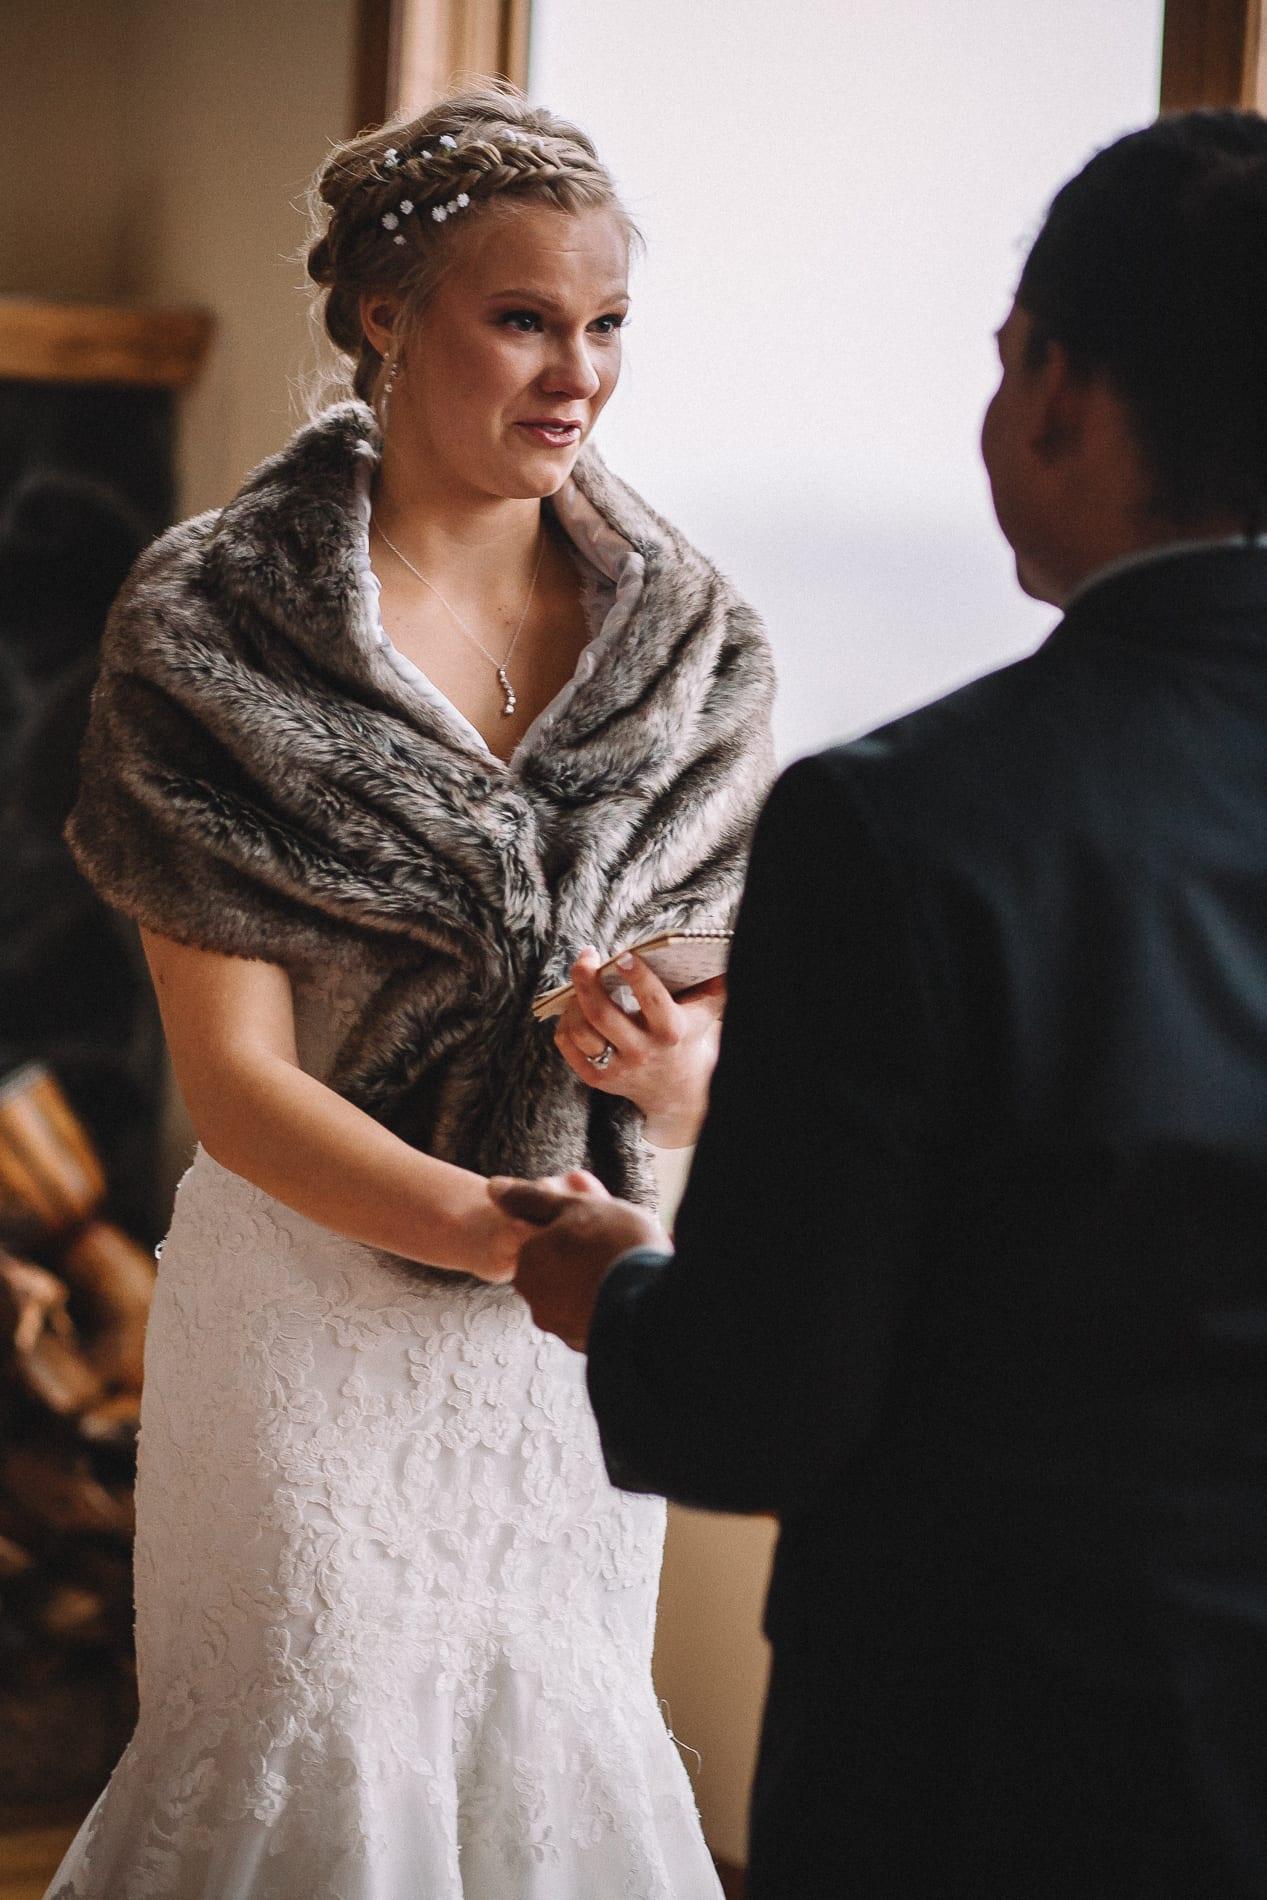 morrow-ranch-round-mountain-wedding-photo-53